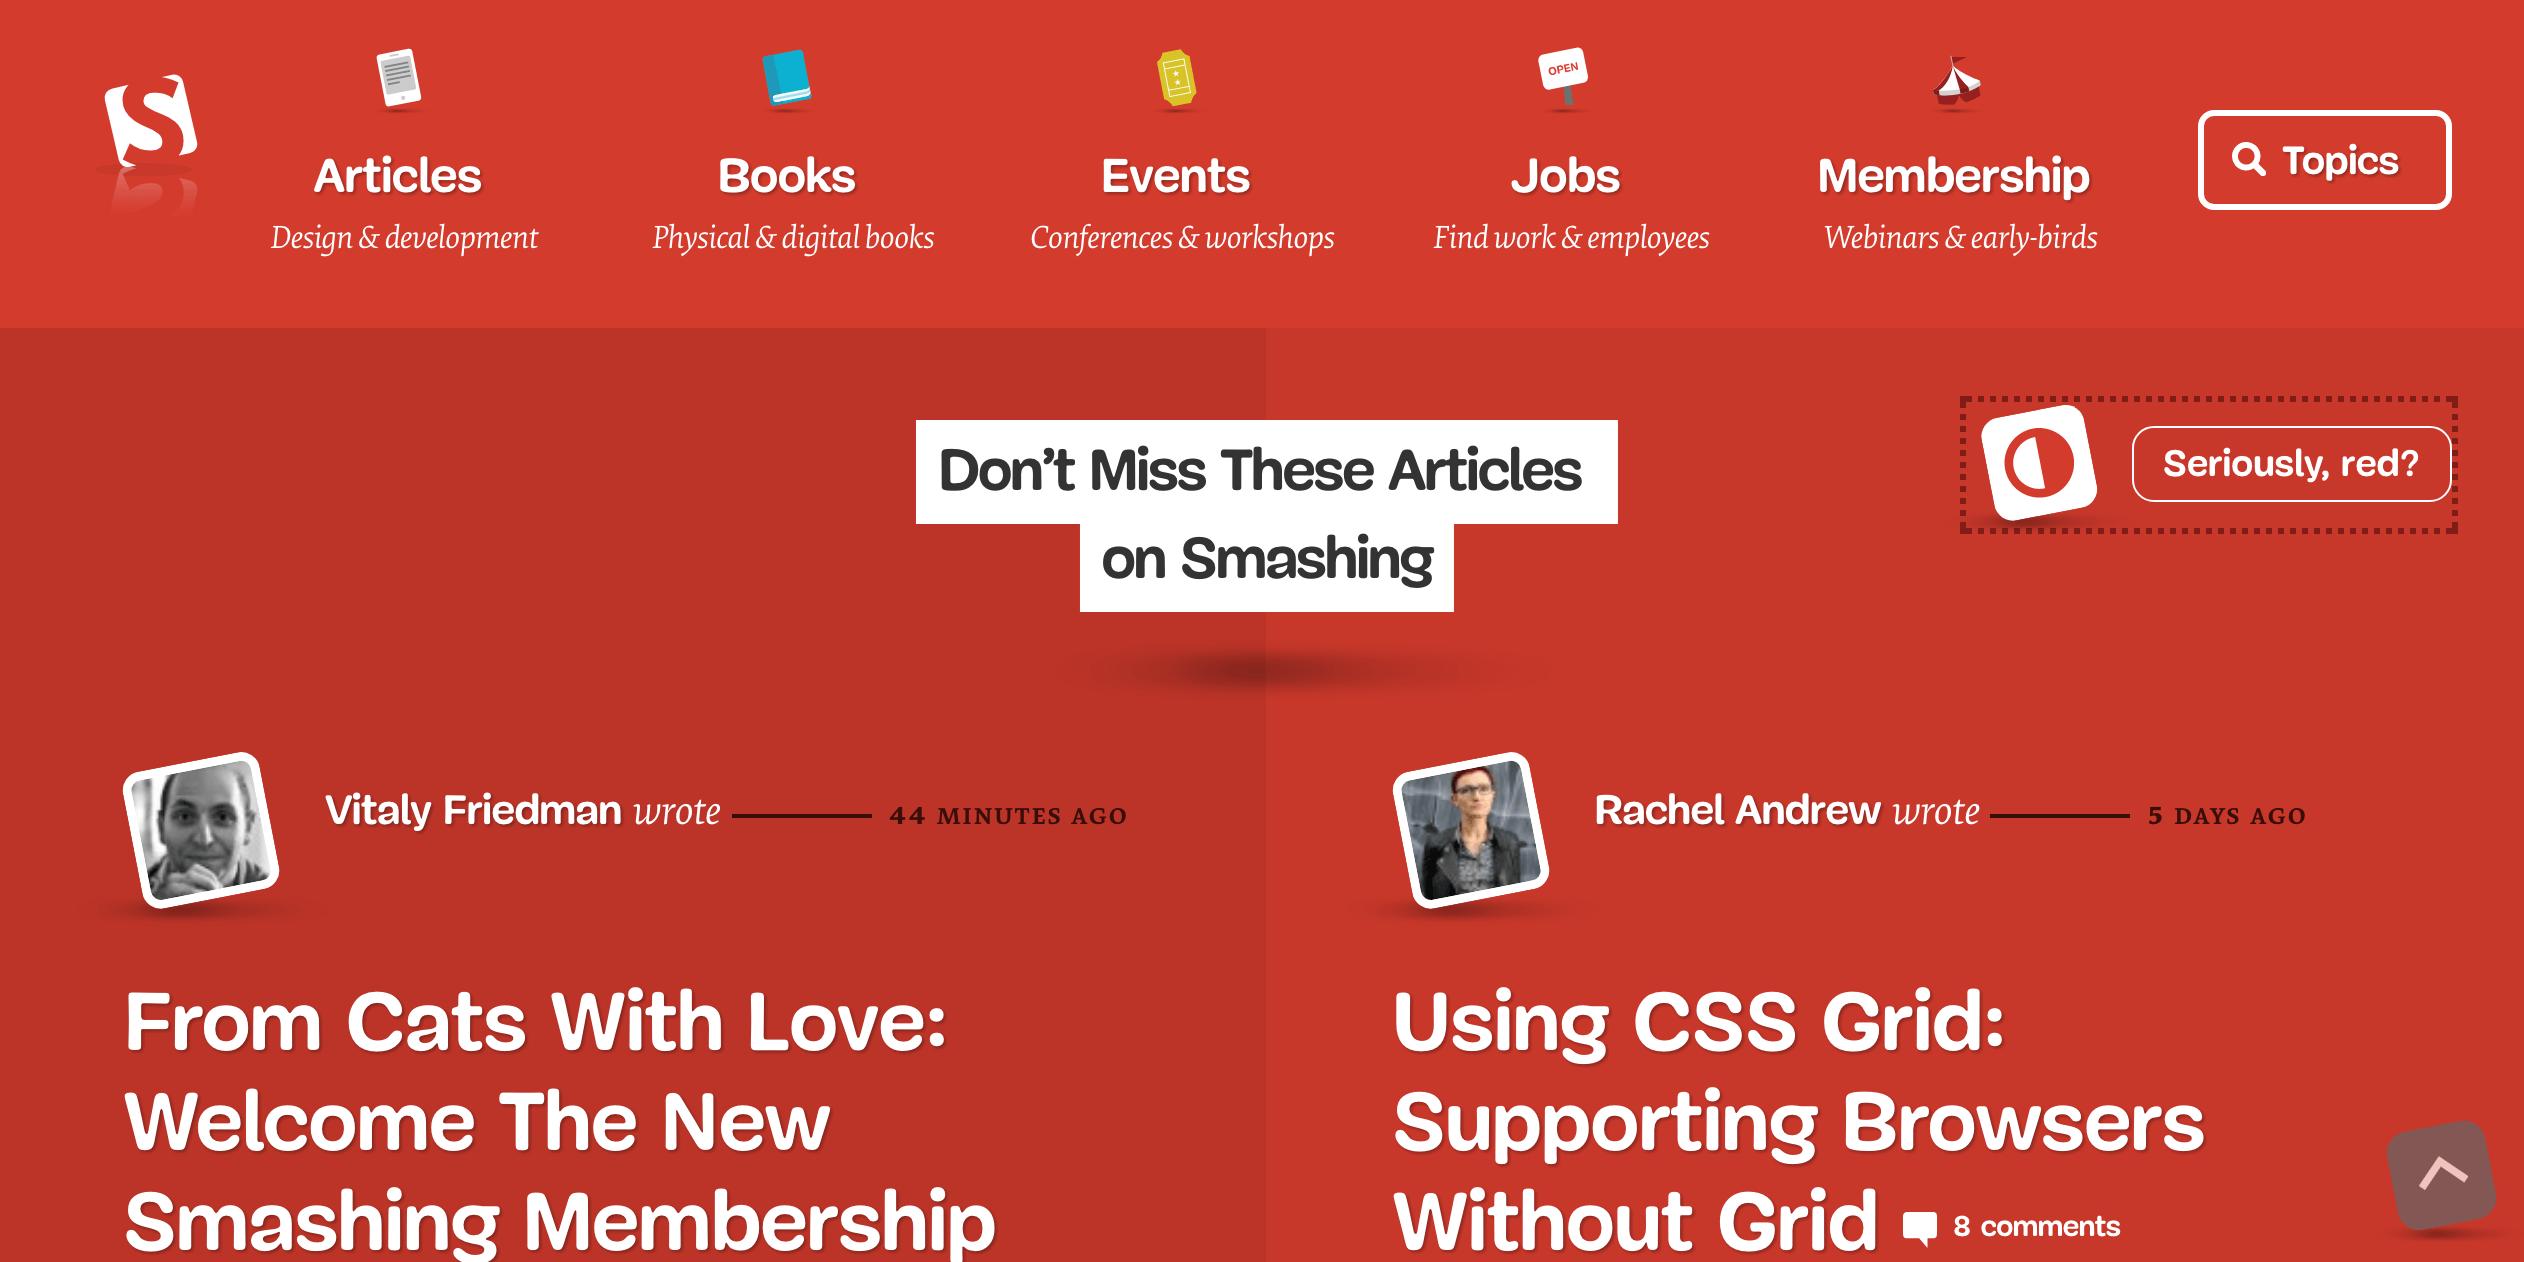 Screenshot of Smashing Magazine's new website